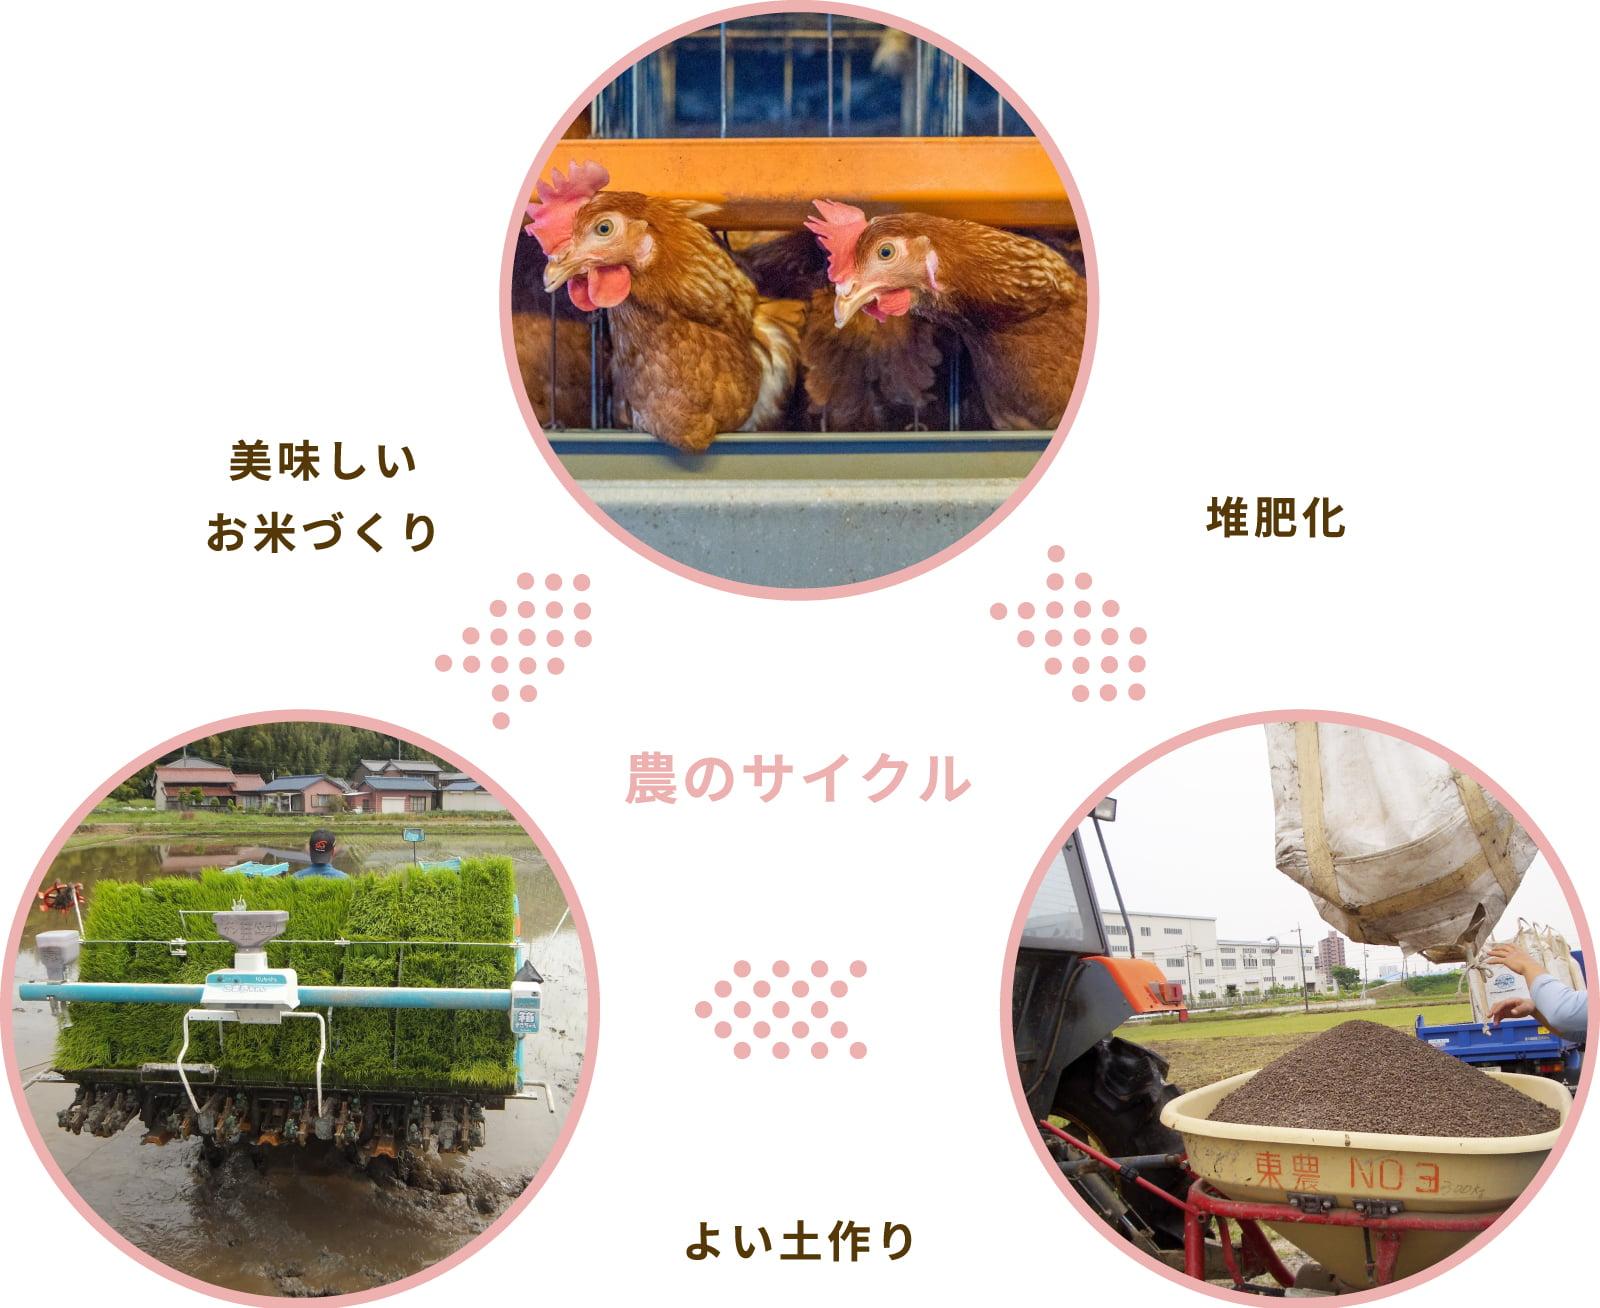 画像:農のサイクル